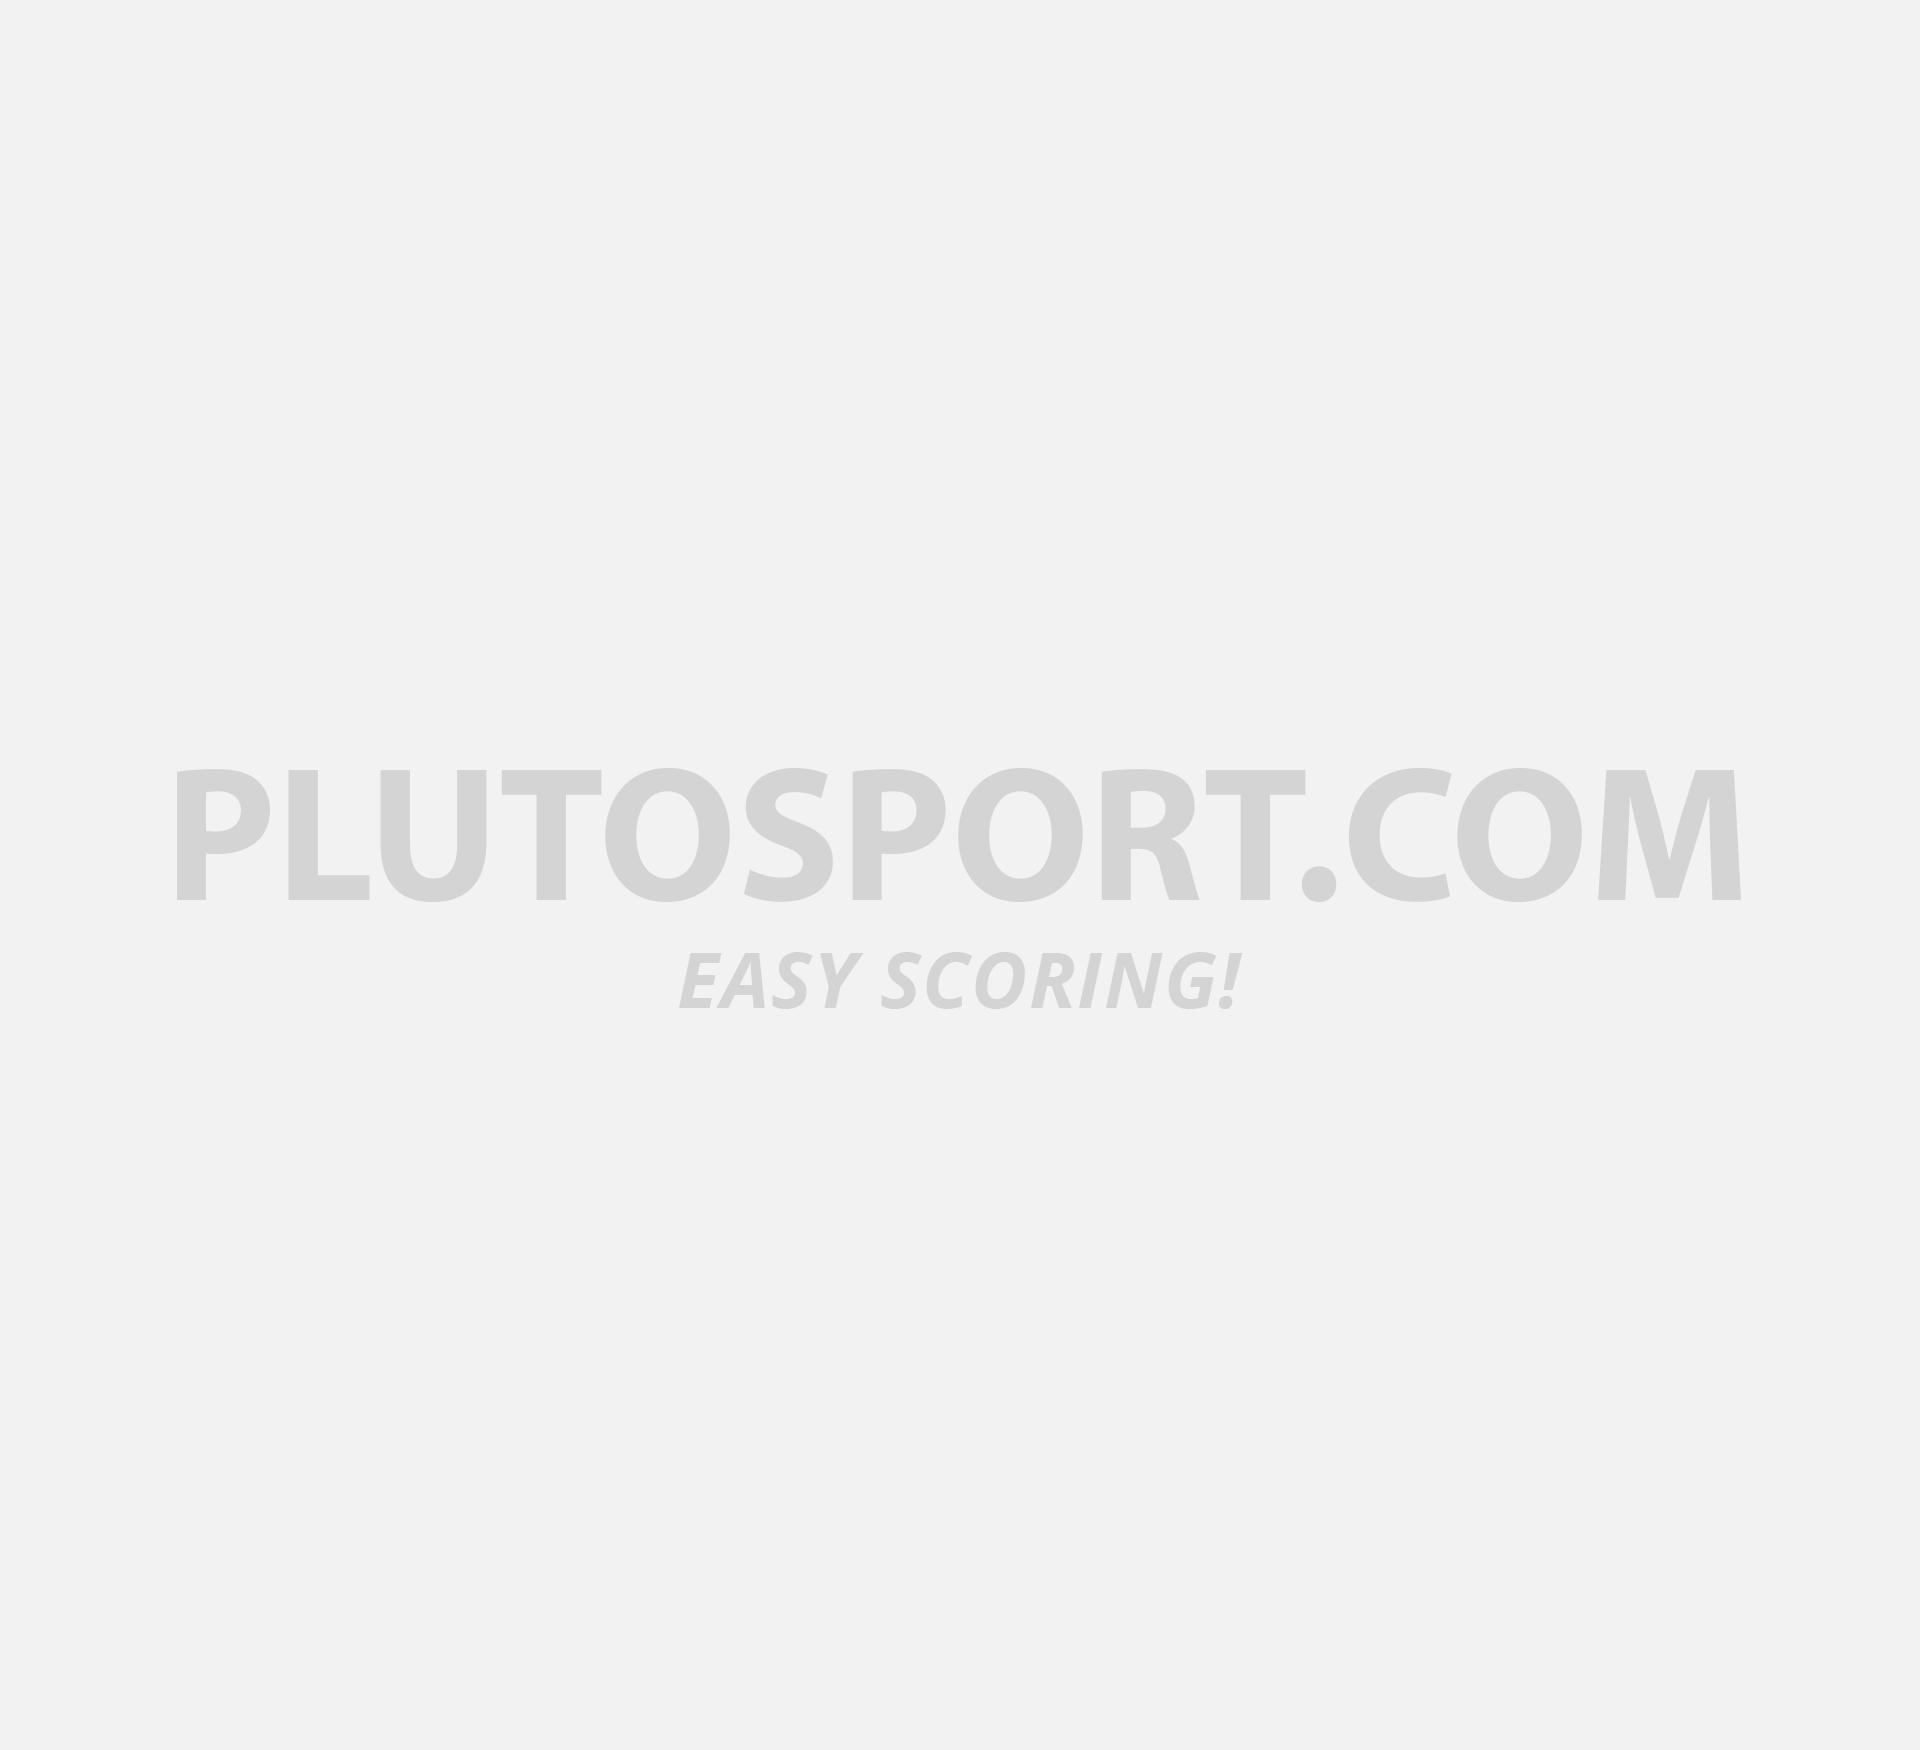 334263cd75d9df Dunlop Sport Rainboots - Rain boots - Shoes - Outdoor - Sports | Plutosport